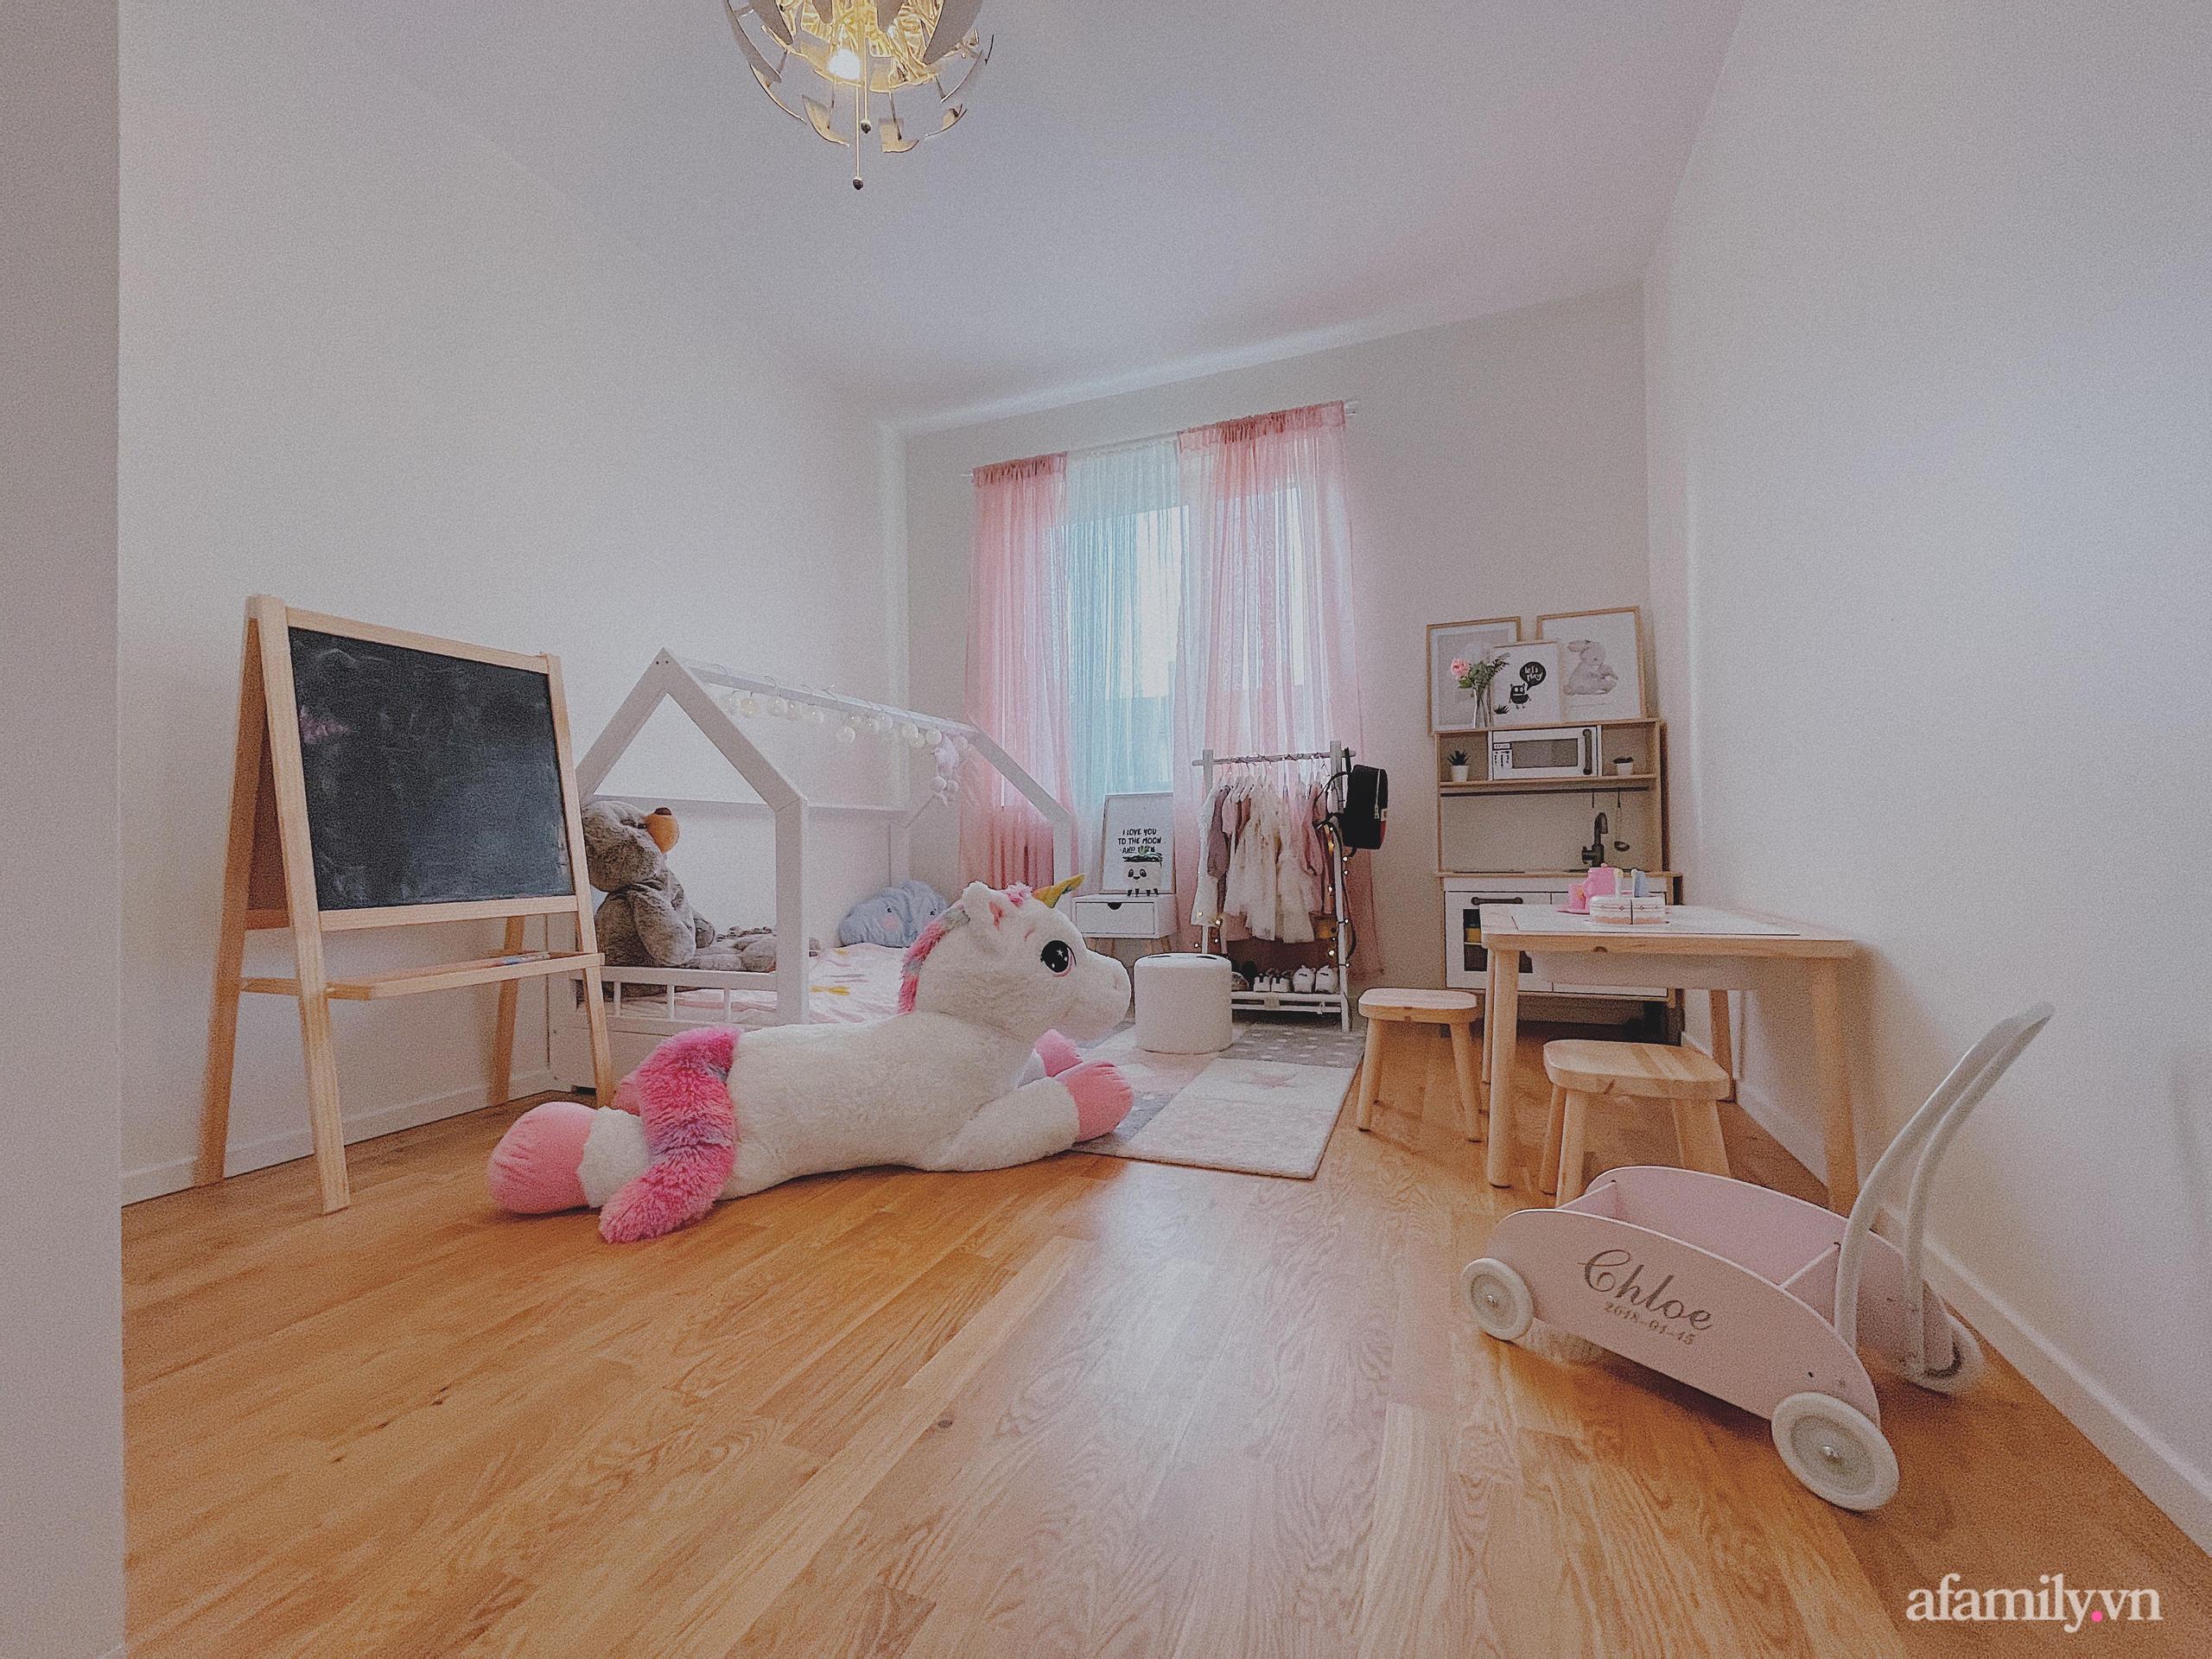 """Căn phòng màu hồng ngọt ngào """"lịm tim"""" bố mẹ thiết kế dành tặng con gái 3 tuổi - Ảnh 1."""